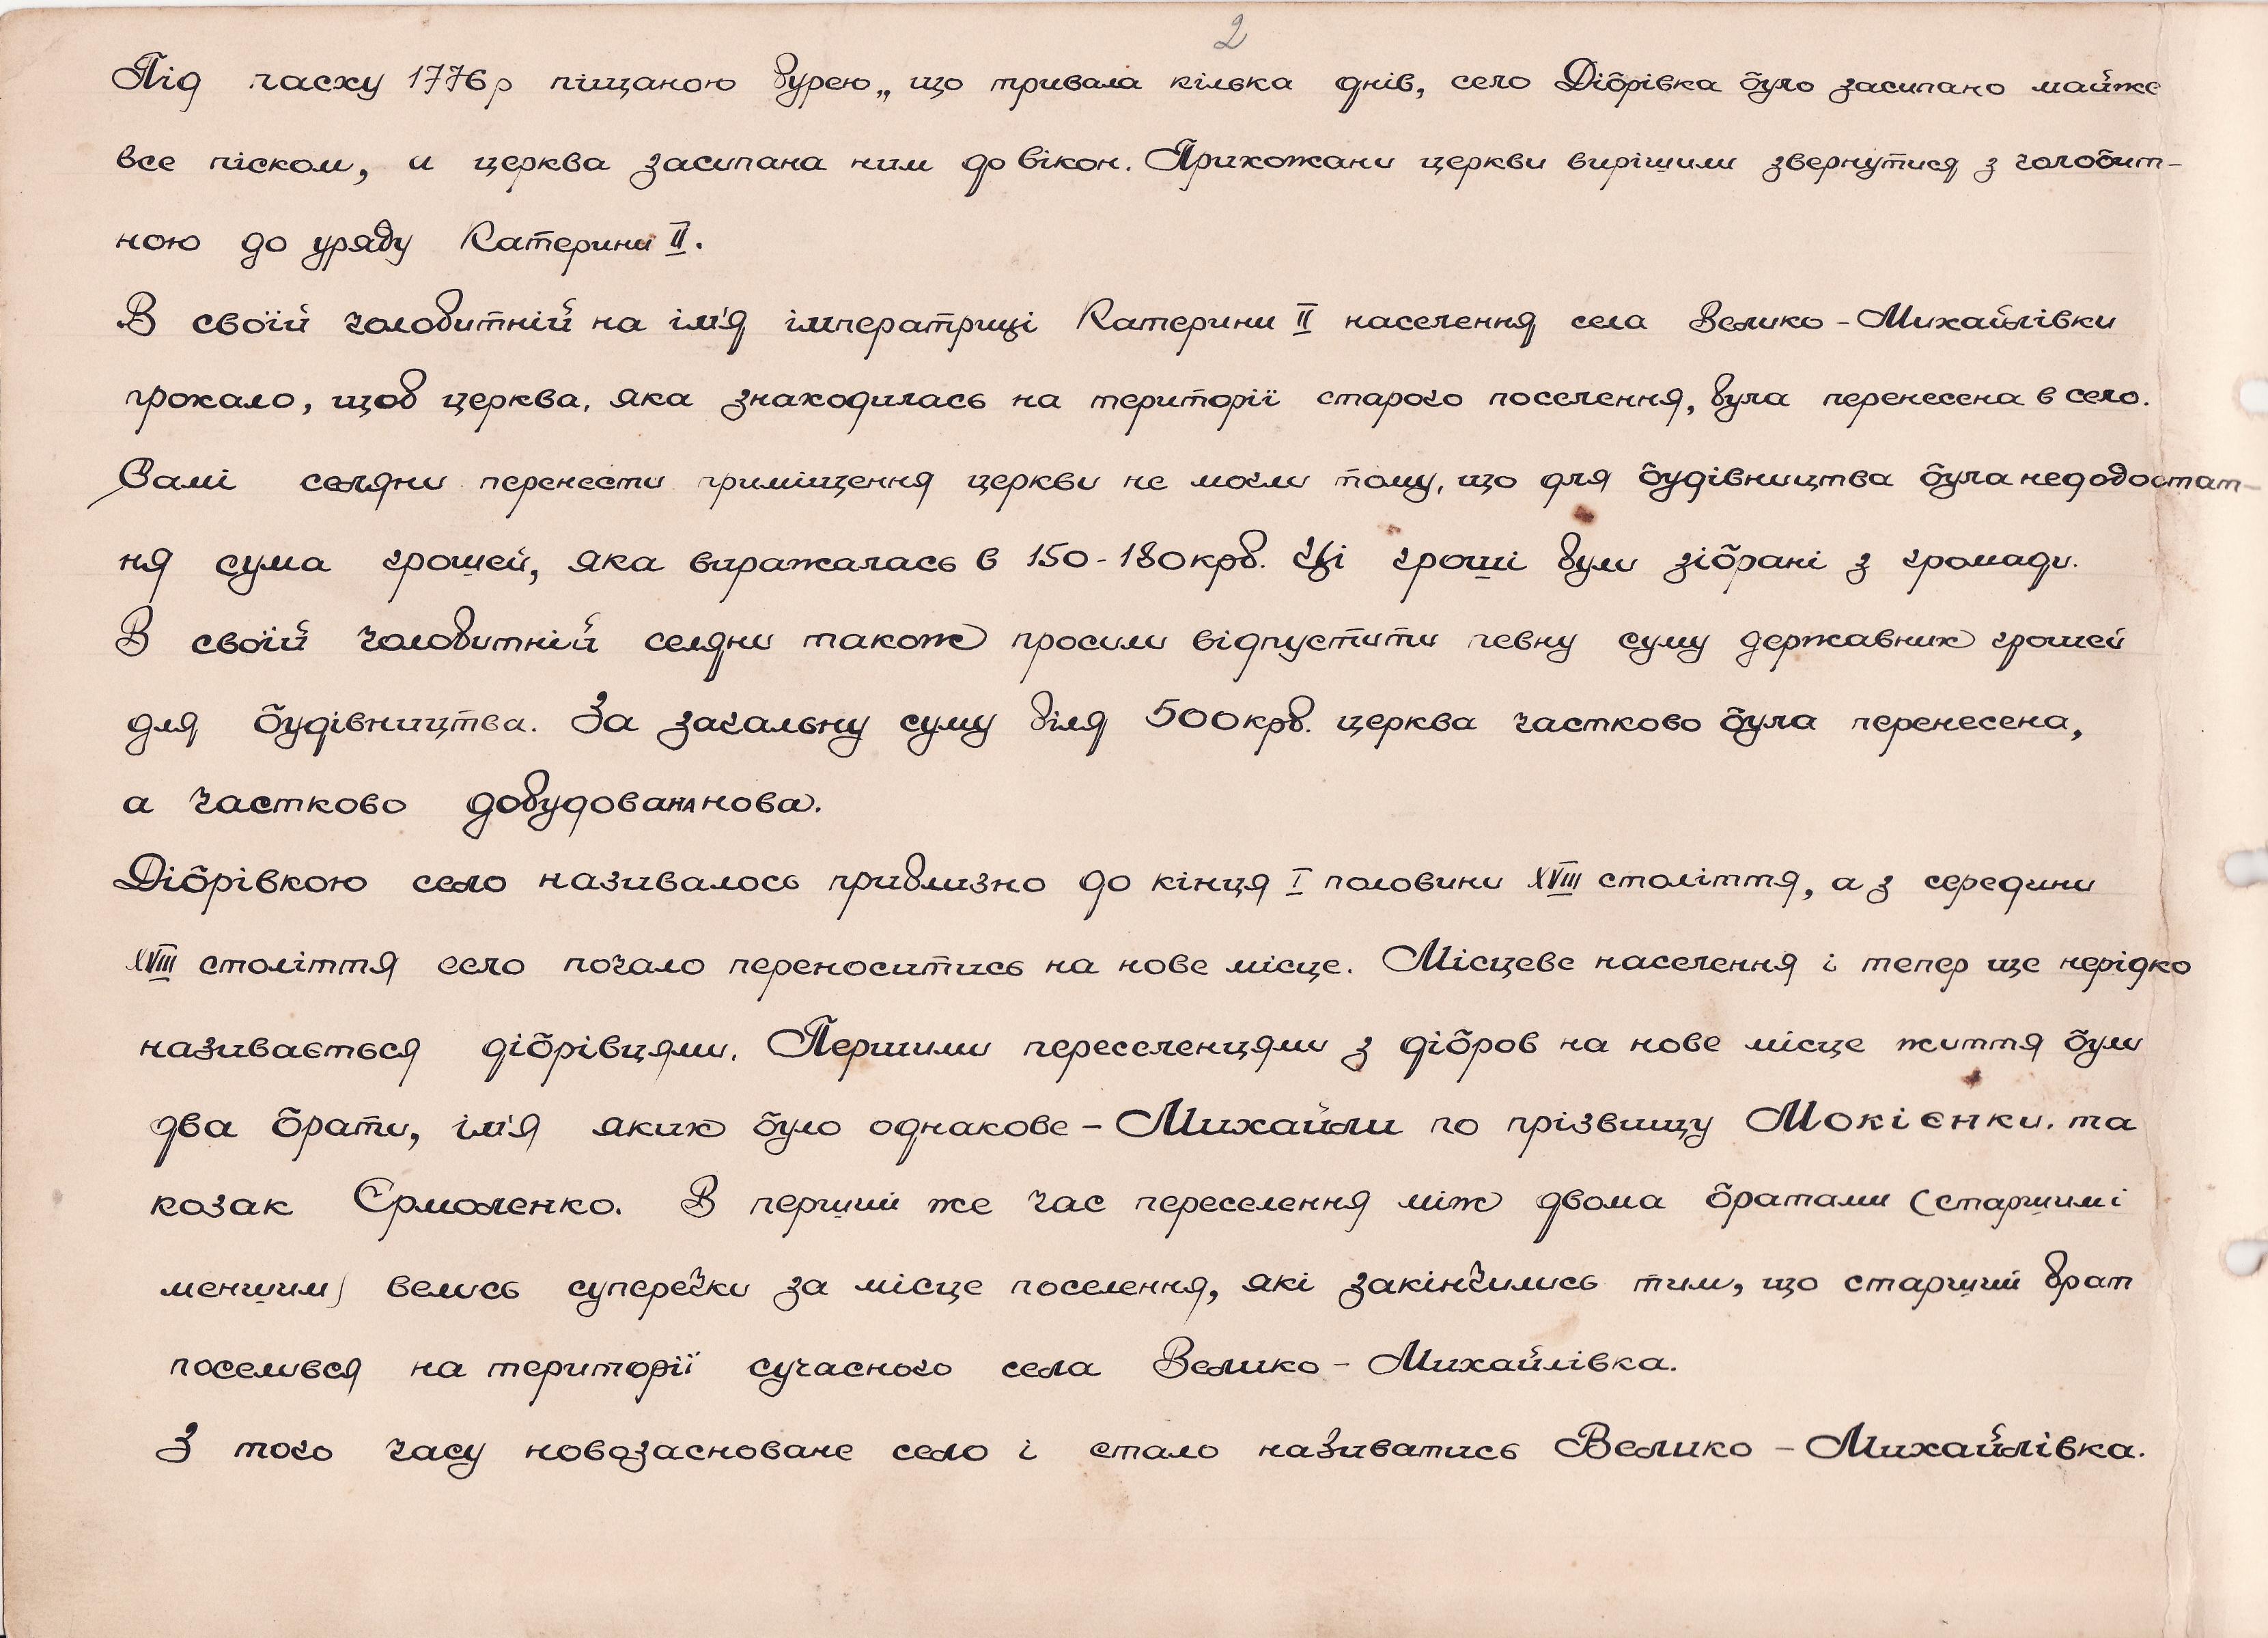 http://images.vfl.ru/ii/1597999614/5a3e5833/31403400.jpg